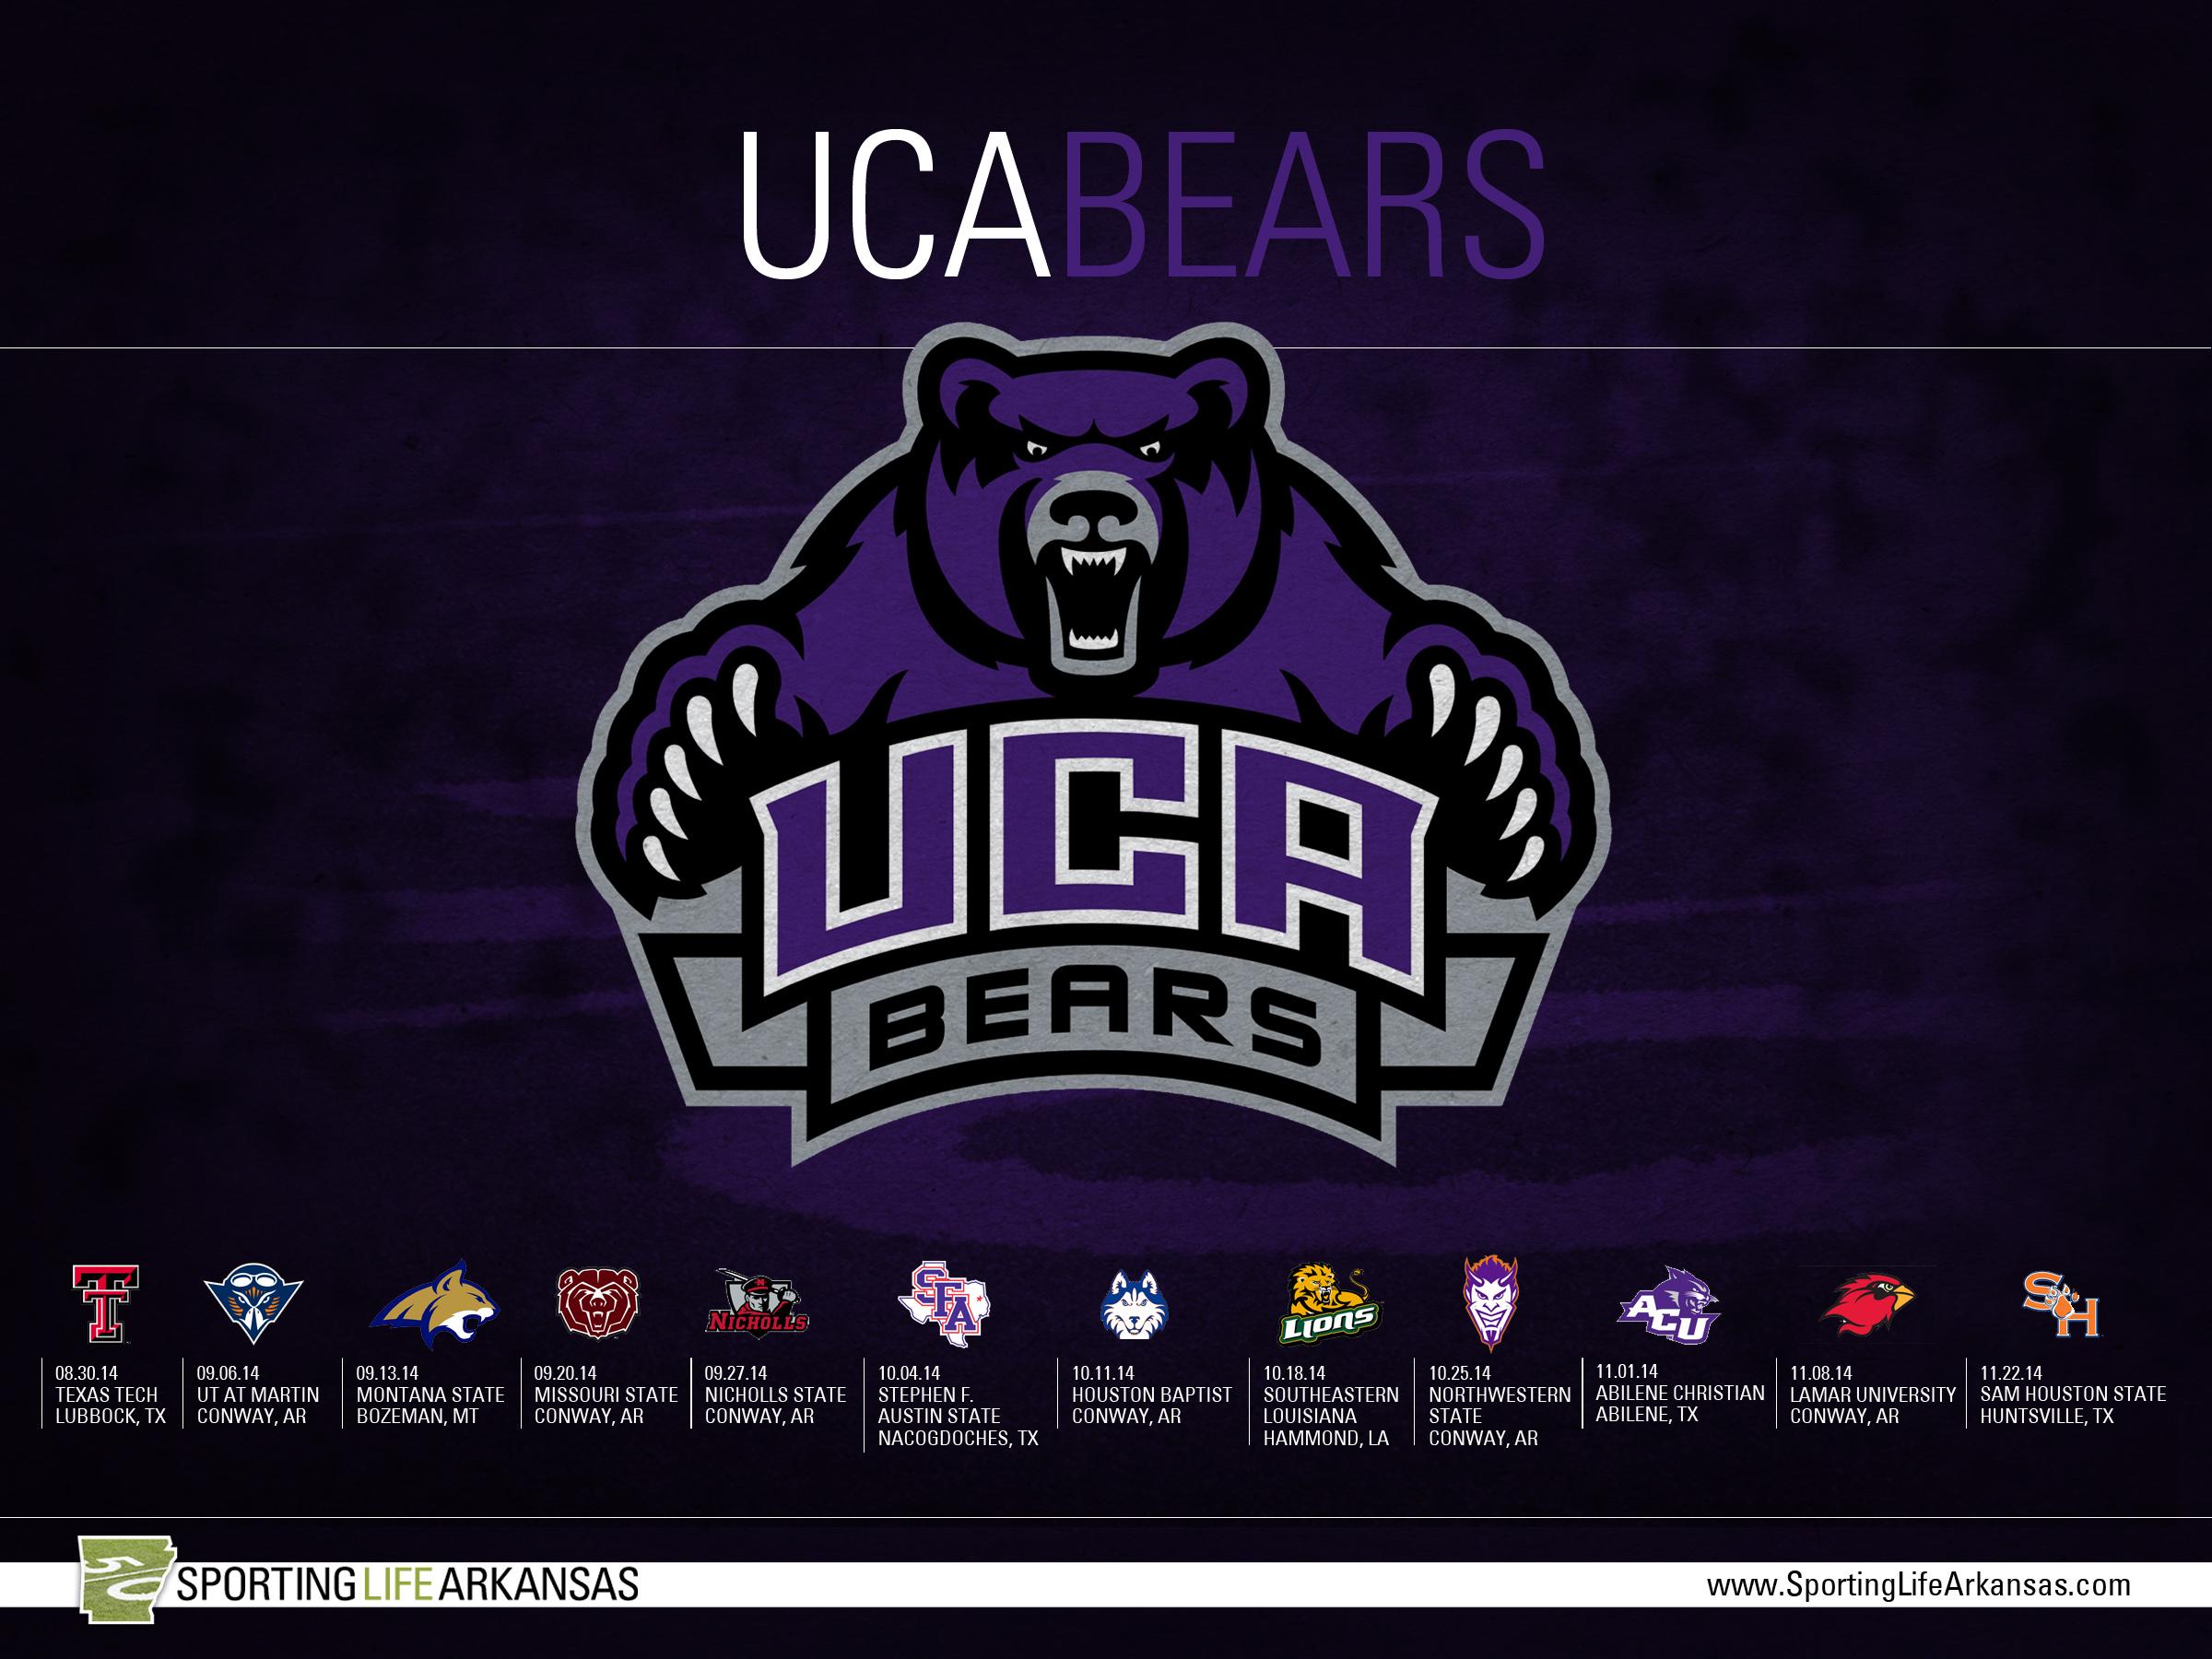 2014 UCA Bears Football Schedule Wallpaper 2400x1800